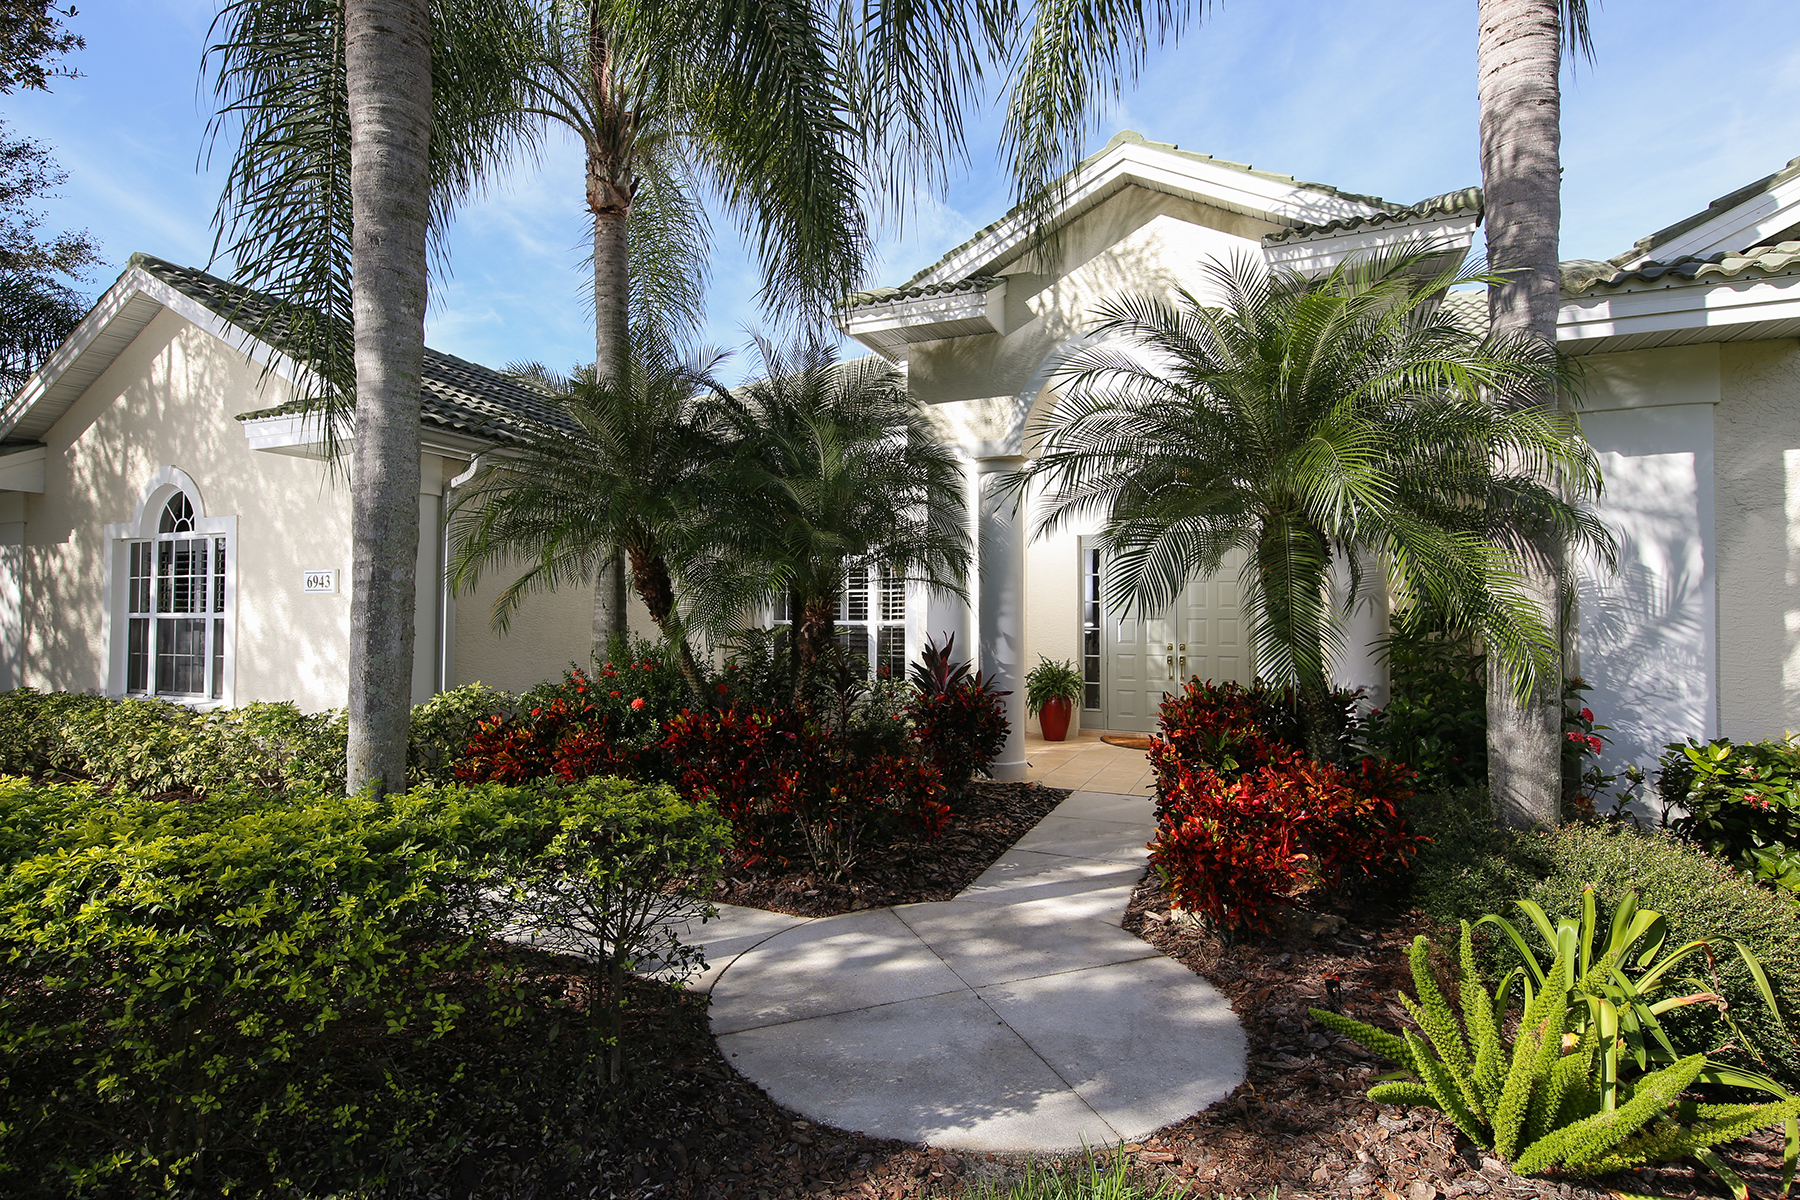 独户住宅 为 销售 在 UNIVERSITY PARK COUNTRY CLUB 6943 Cumberland Terr University Park, 佛罗里达州, 34201 美国